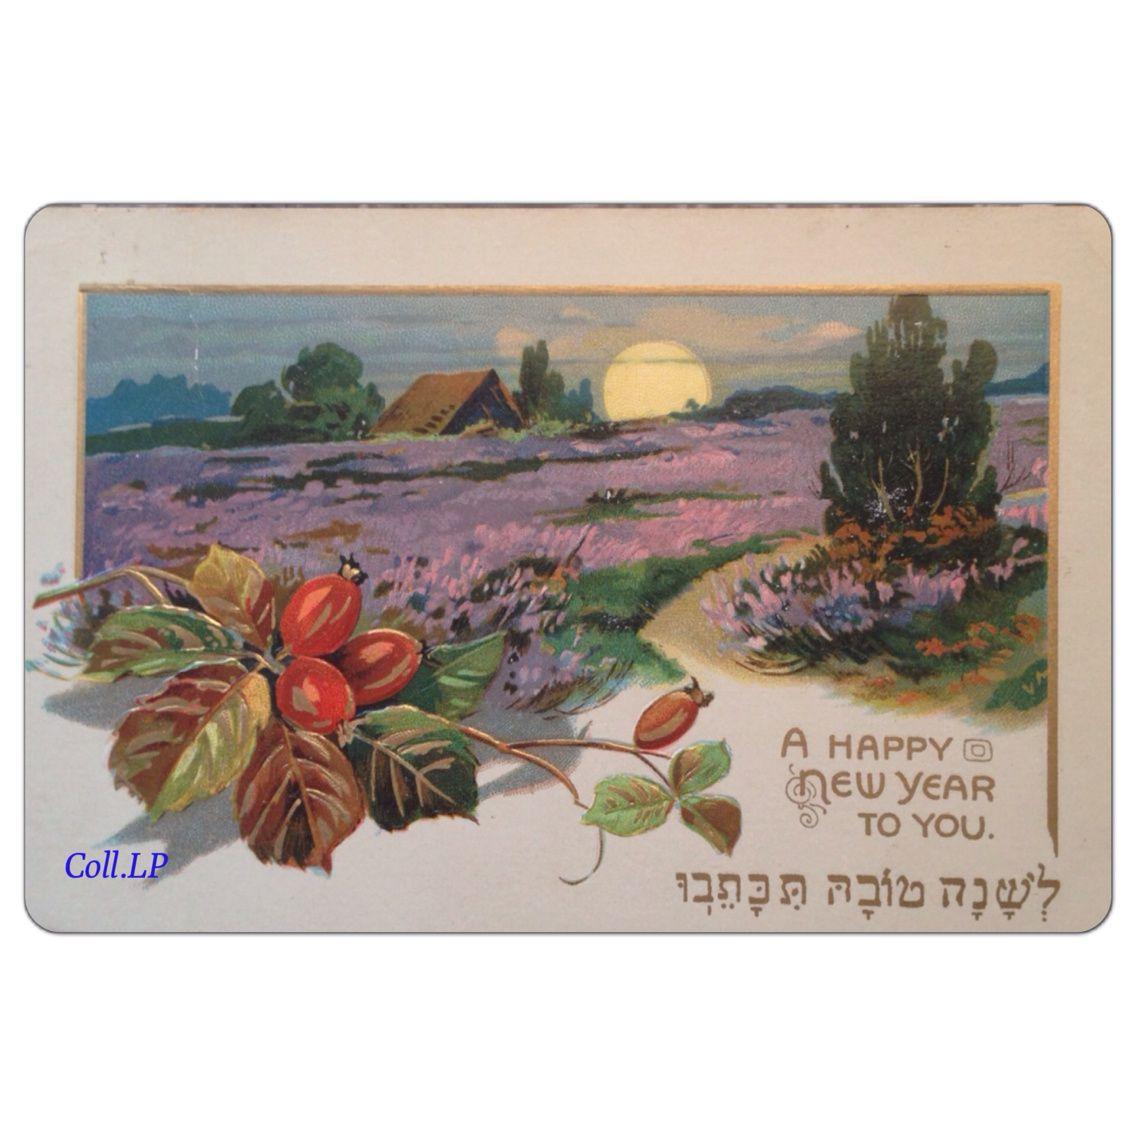 Bonne année 2014 en 9 cartes postales chanatova début 20ème siècle